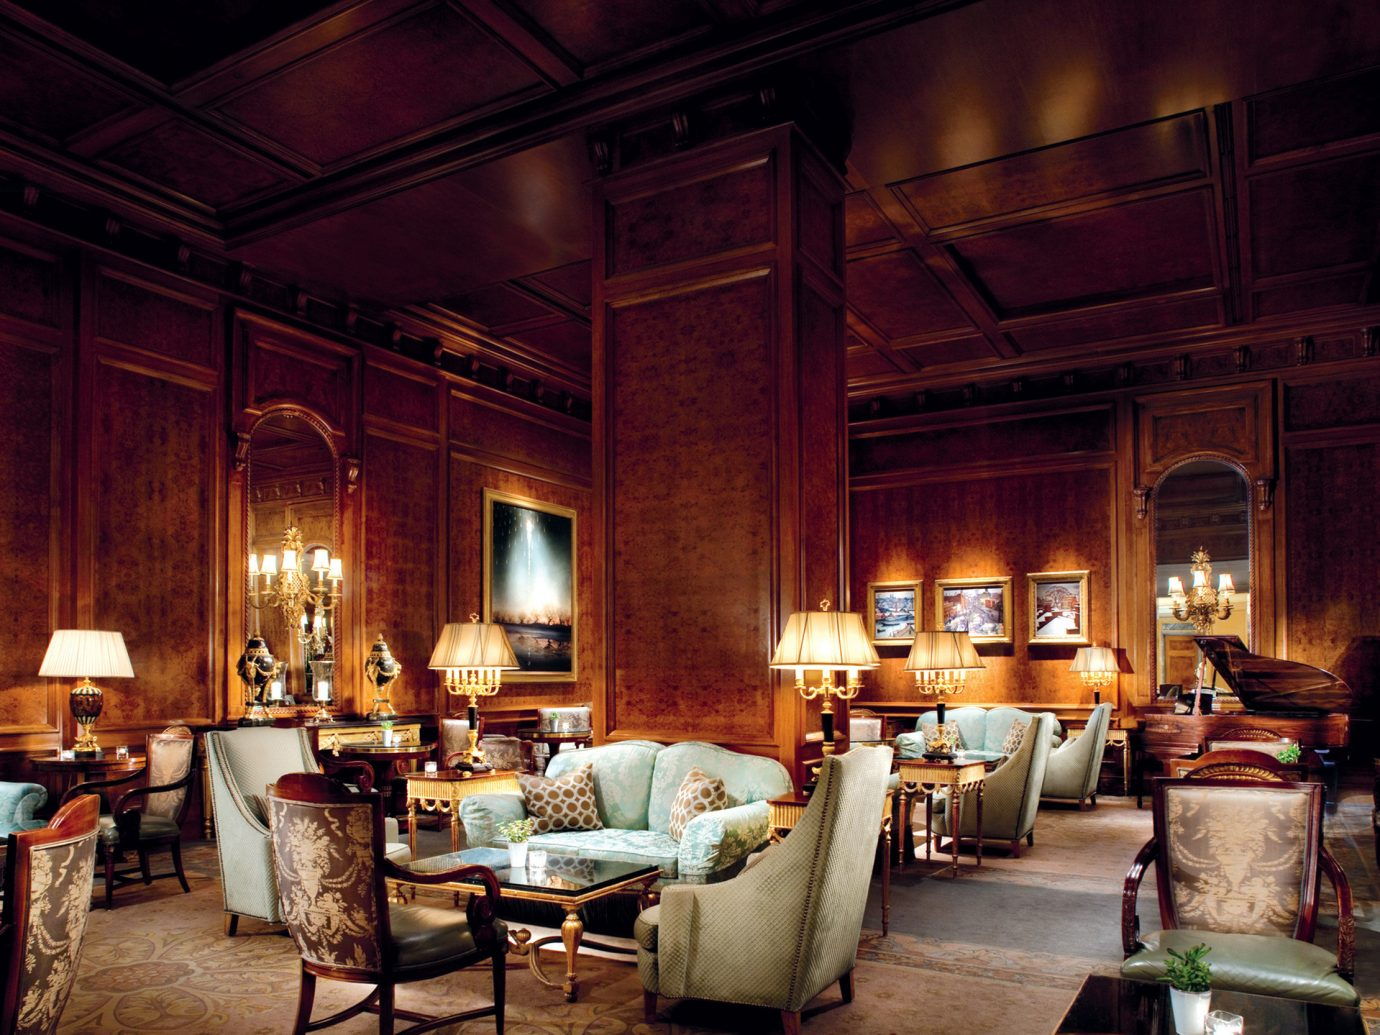 Elegant Fireplace Hotels Living Lounge Luxury indoor room floor ceiling estate furniture interior design lighting home living room mansion Design restaurant area several